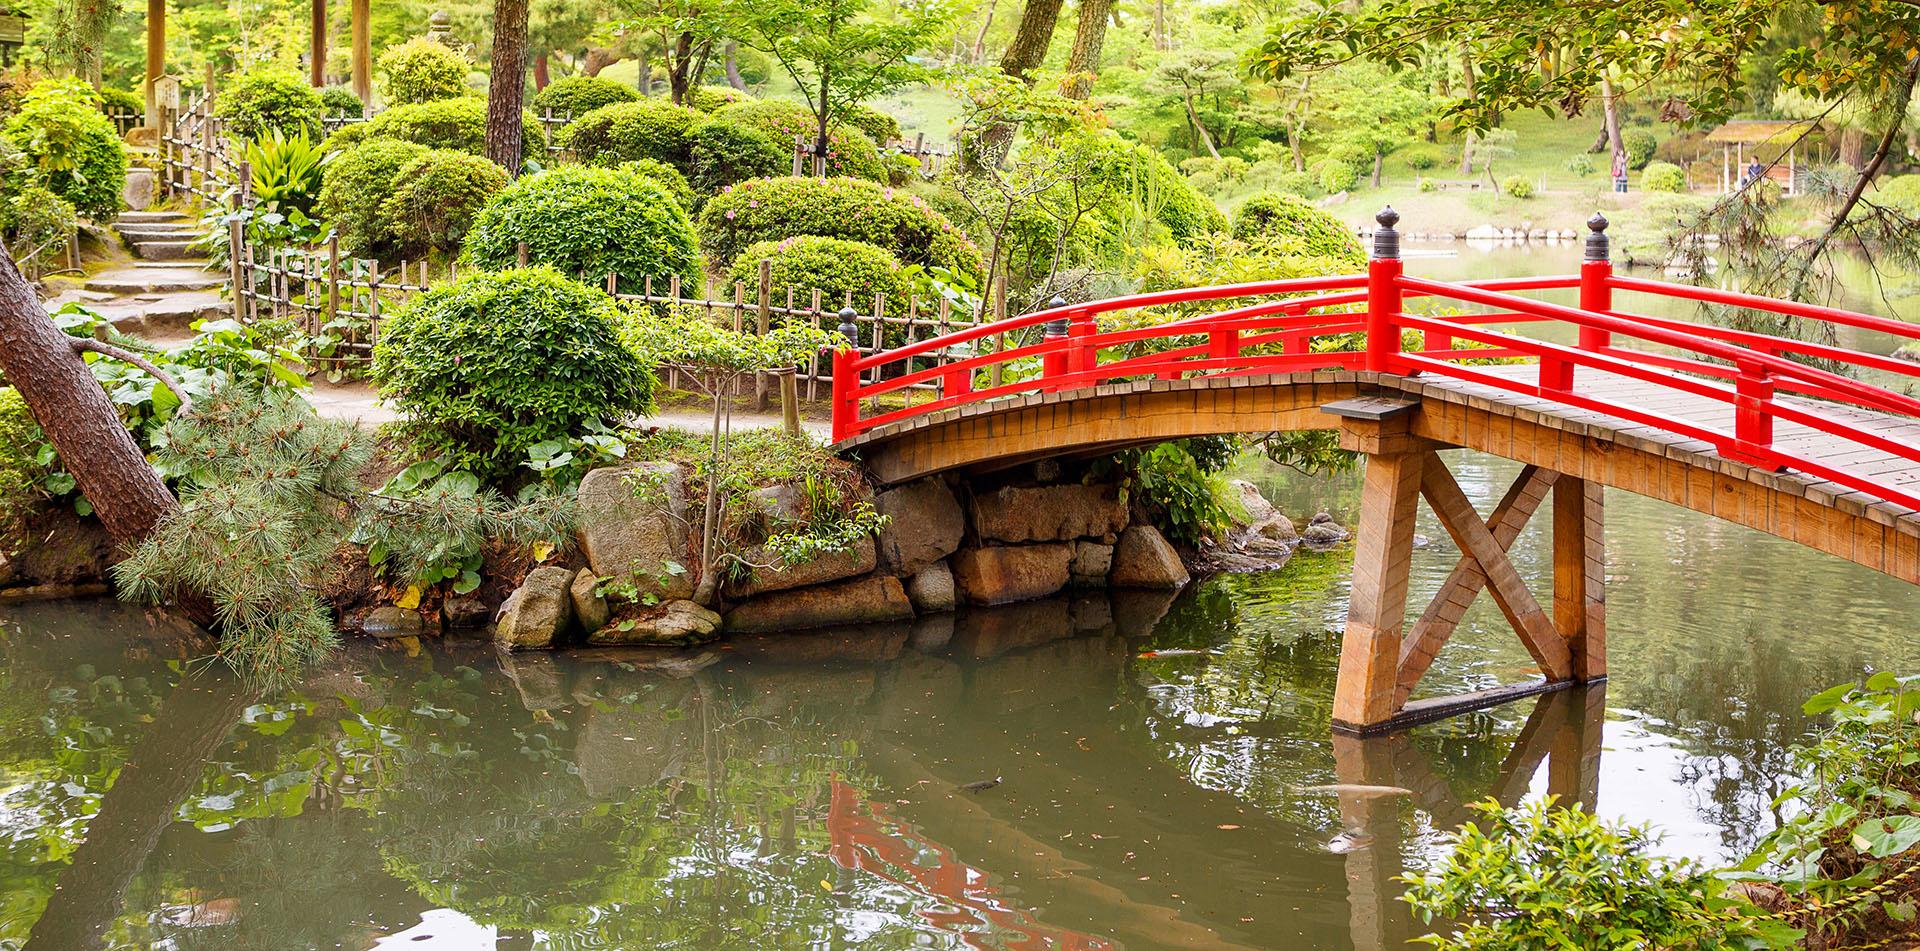 Shukkeien Garden in Hiroshima, Japan